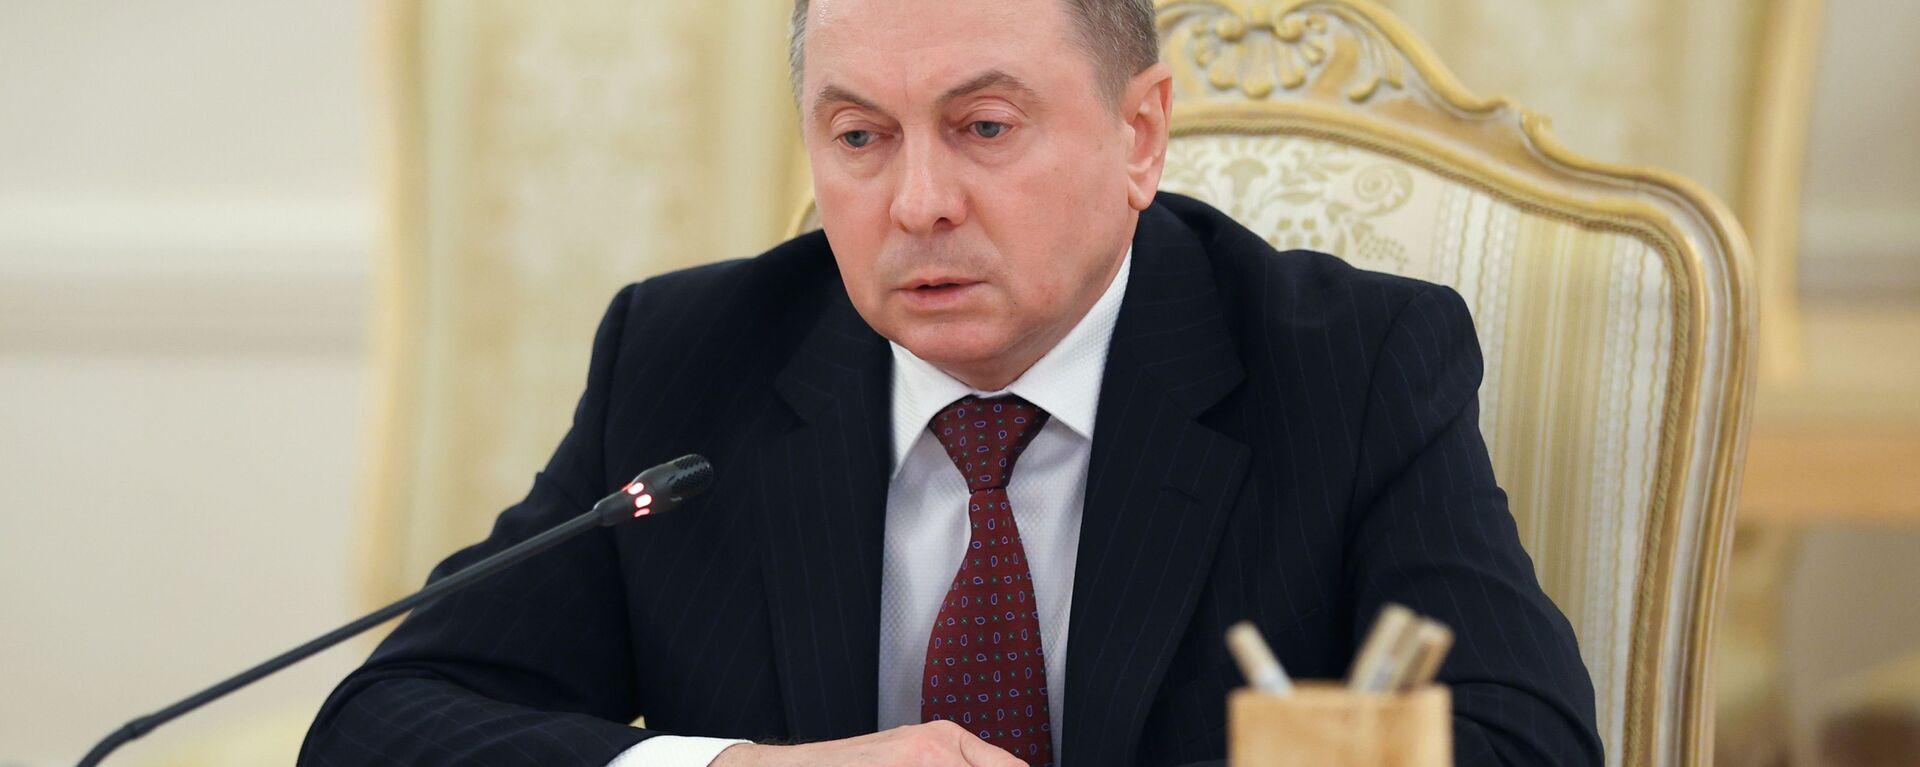 Министр иностранных дел Беларуси Владимир Макей - Sputnik Беларусь, 1920, 01.12.2020